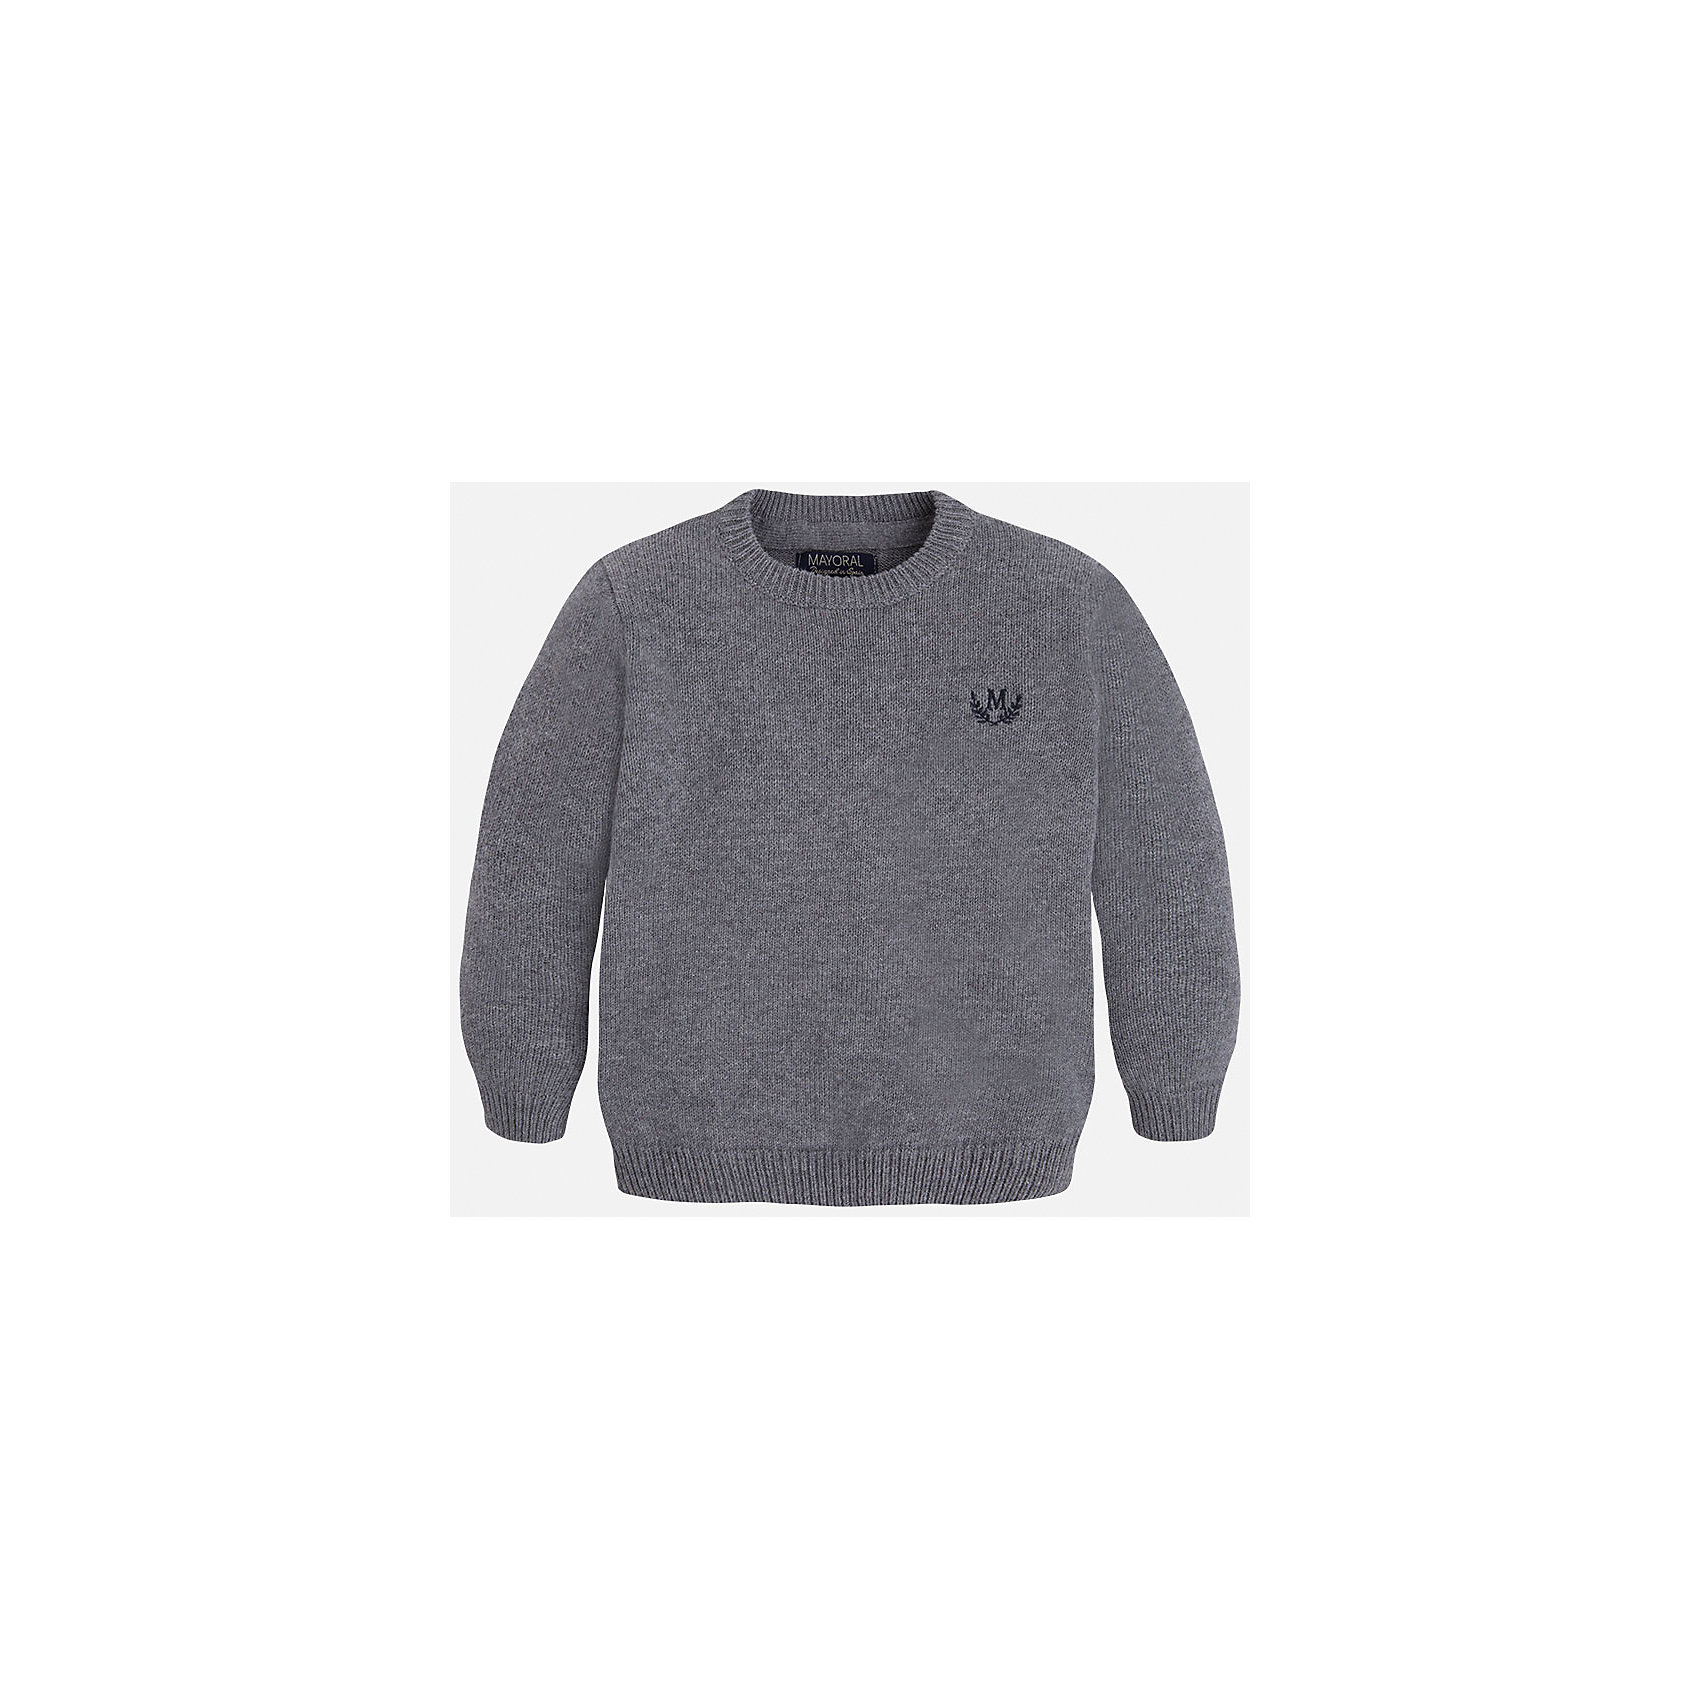 Свитер для мальчика MayoralСвитера и кардиганы<br>Стильный свитер для настоящего джентльмена! У свитера классический крой, поэтому его можно комбинировать с разными вещими и носить в любой сезон.<br><br>Дополнительная информация:<br><br>- Прямой крой.<br>- Страна бренда: Испания.<br>- Состав: хлопок 60%,полиамид 30%,шерсть 10%.<br>- Цвет: серый.<br>- Уход: бережная стирка при 30 градусах.<br><br>Купить свитер для мальчика Mayoral можно в нашем магазине.<br><br>Ширина мм: 190<br>Глубина мм: 74<br>Высота мм: 229<br>Вес г: 236<br>Цвет: коричневый<br>Возраст от месяцев: 36<br>Возраст до месяцев: 48<br>Пол: Мужской<br>Возраст: Детский<br>Размер: 104,134,128,122,116,110,98<br>SKU: 4821671